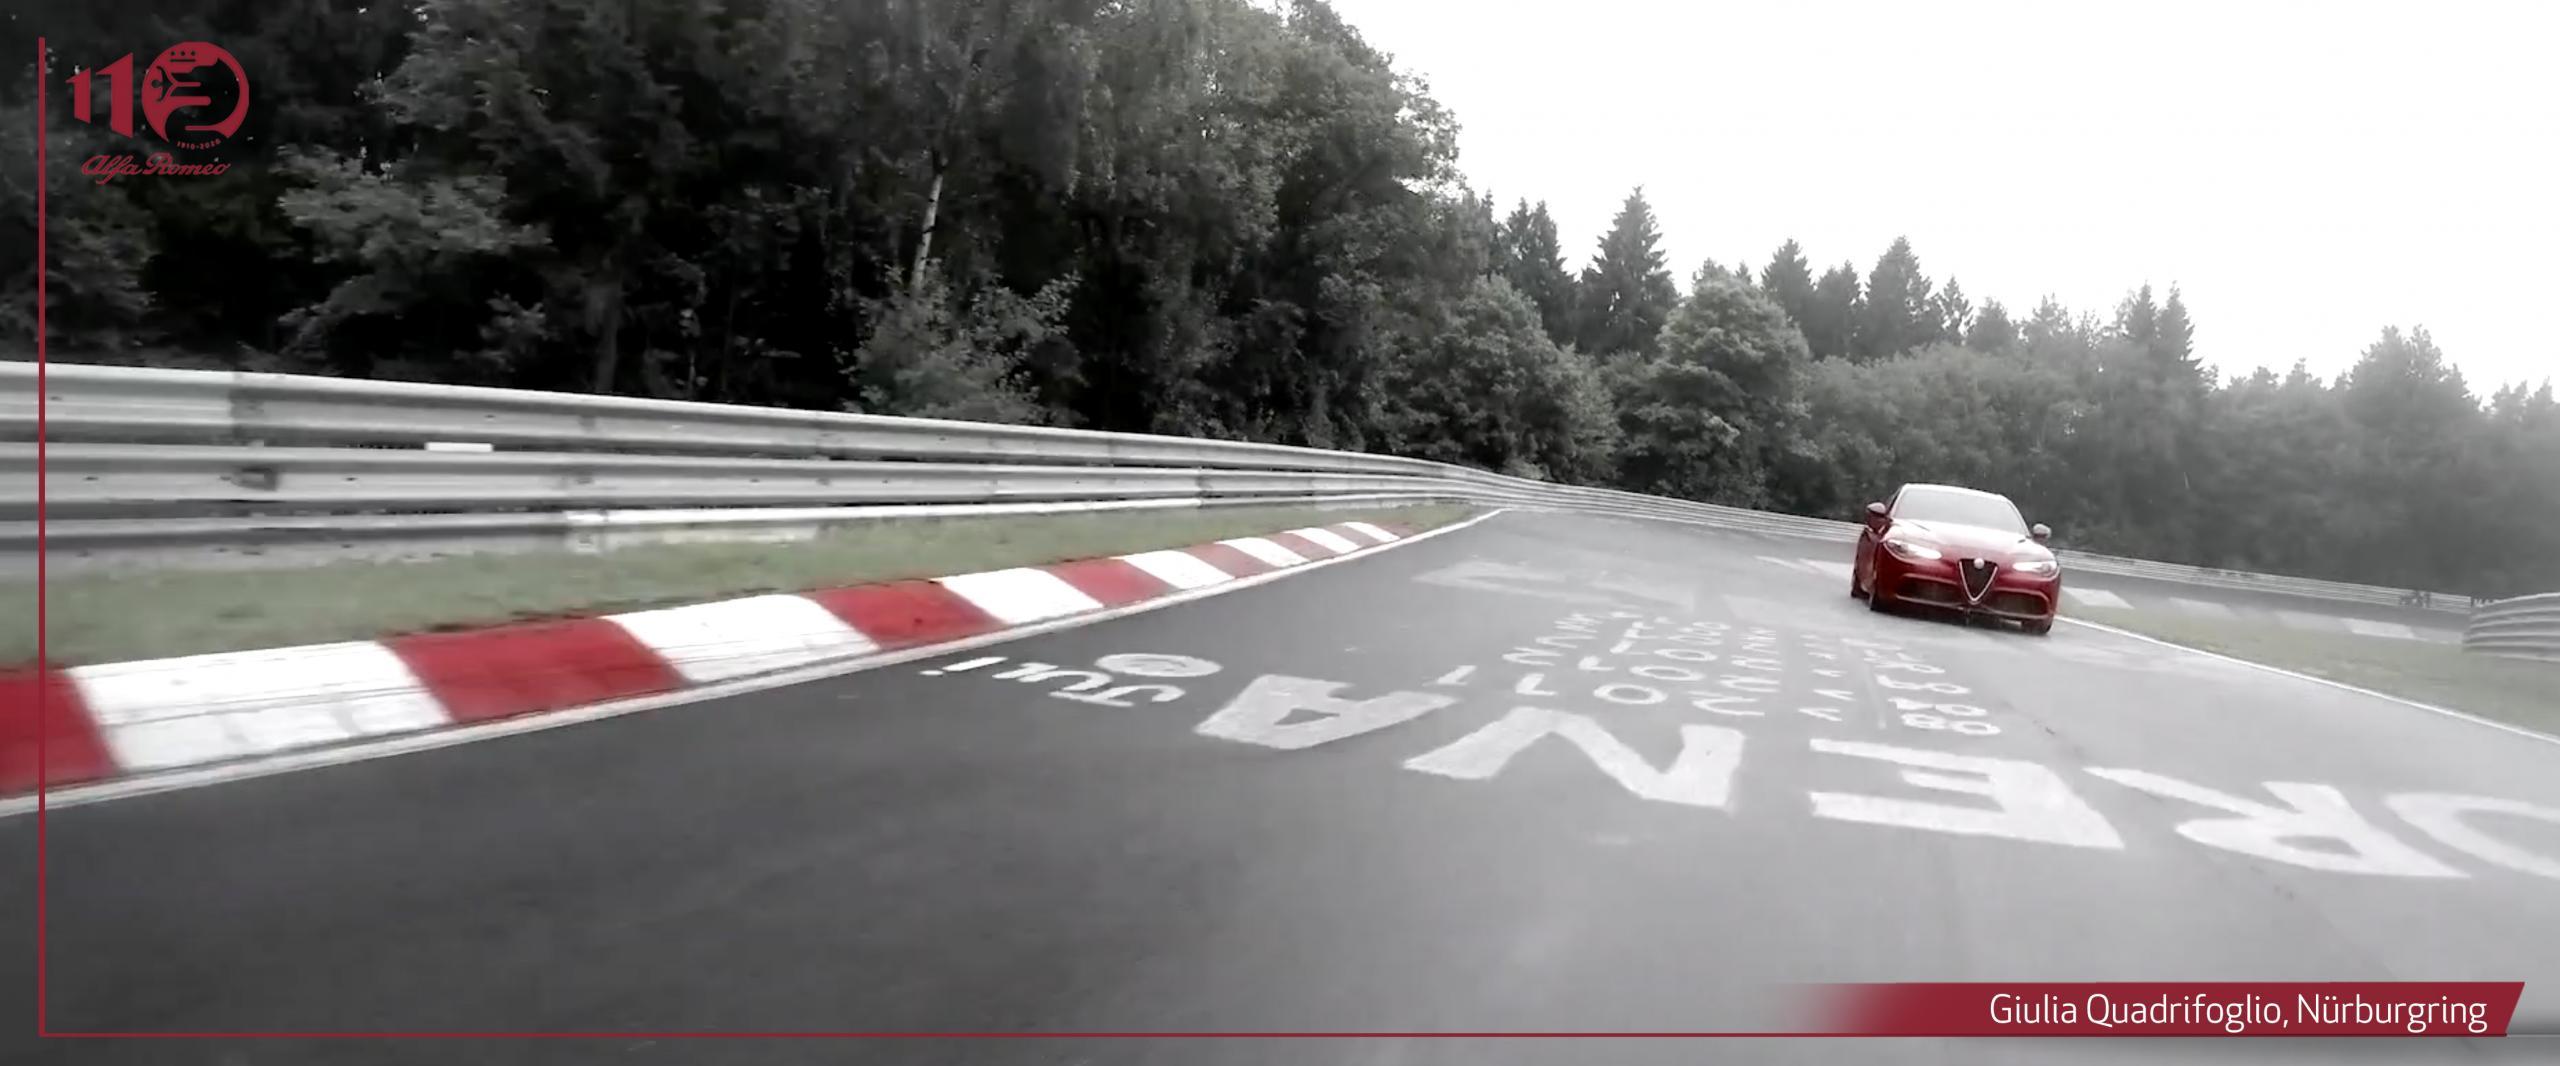 Giulia-Quadrifoglio,-Nürburgring_2.jpg